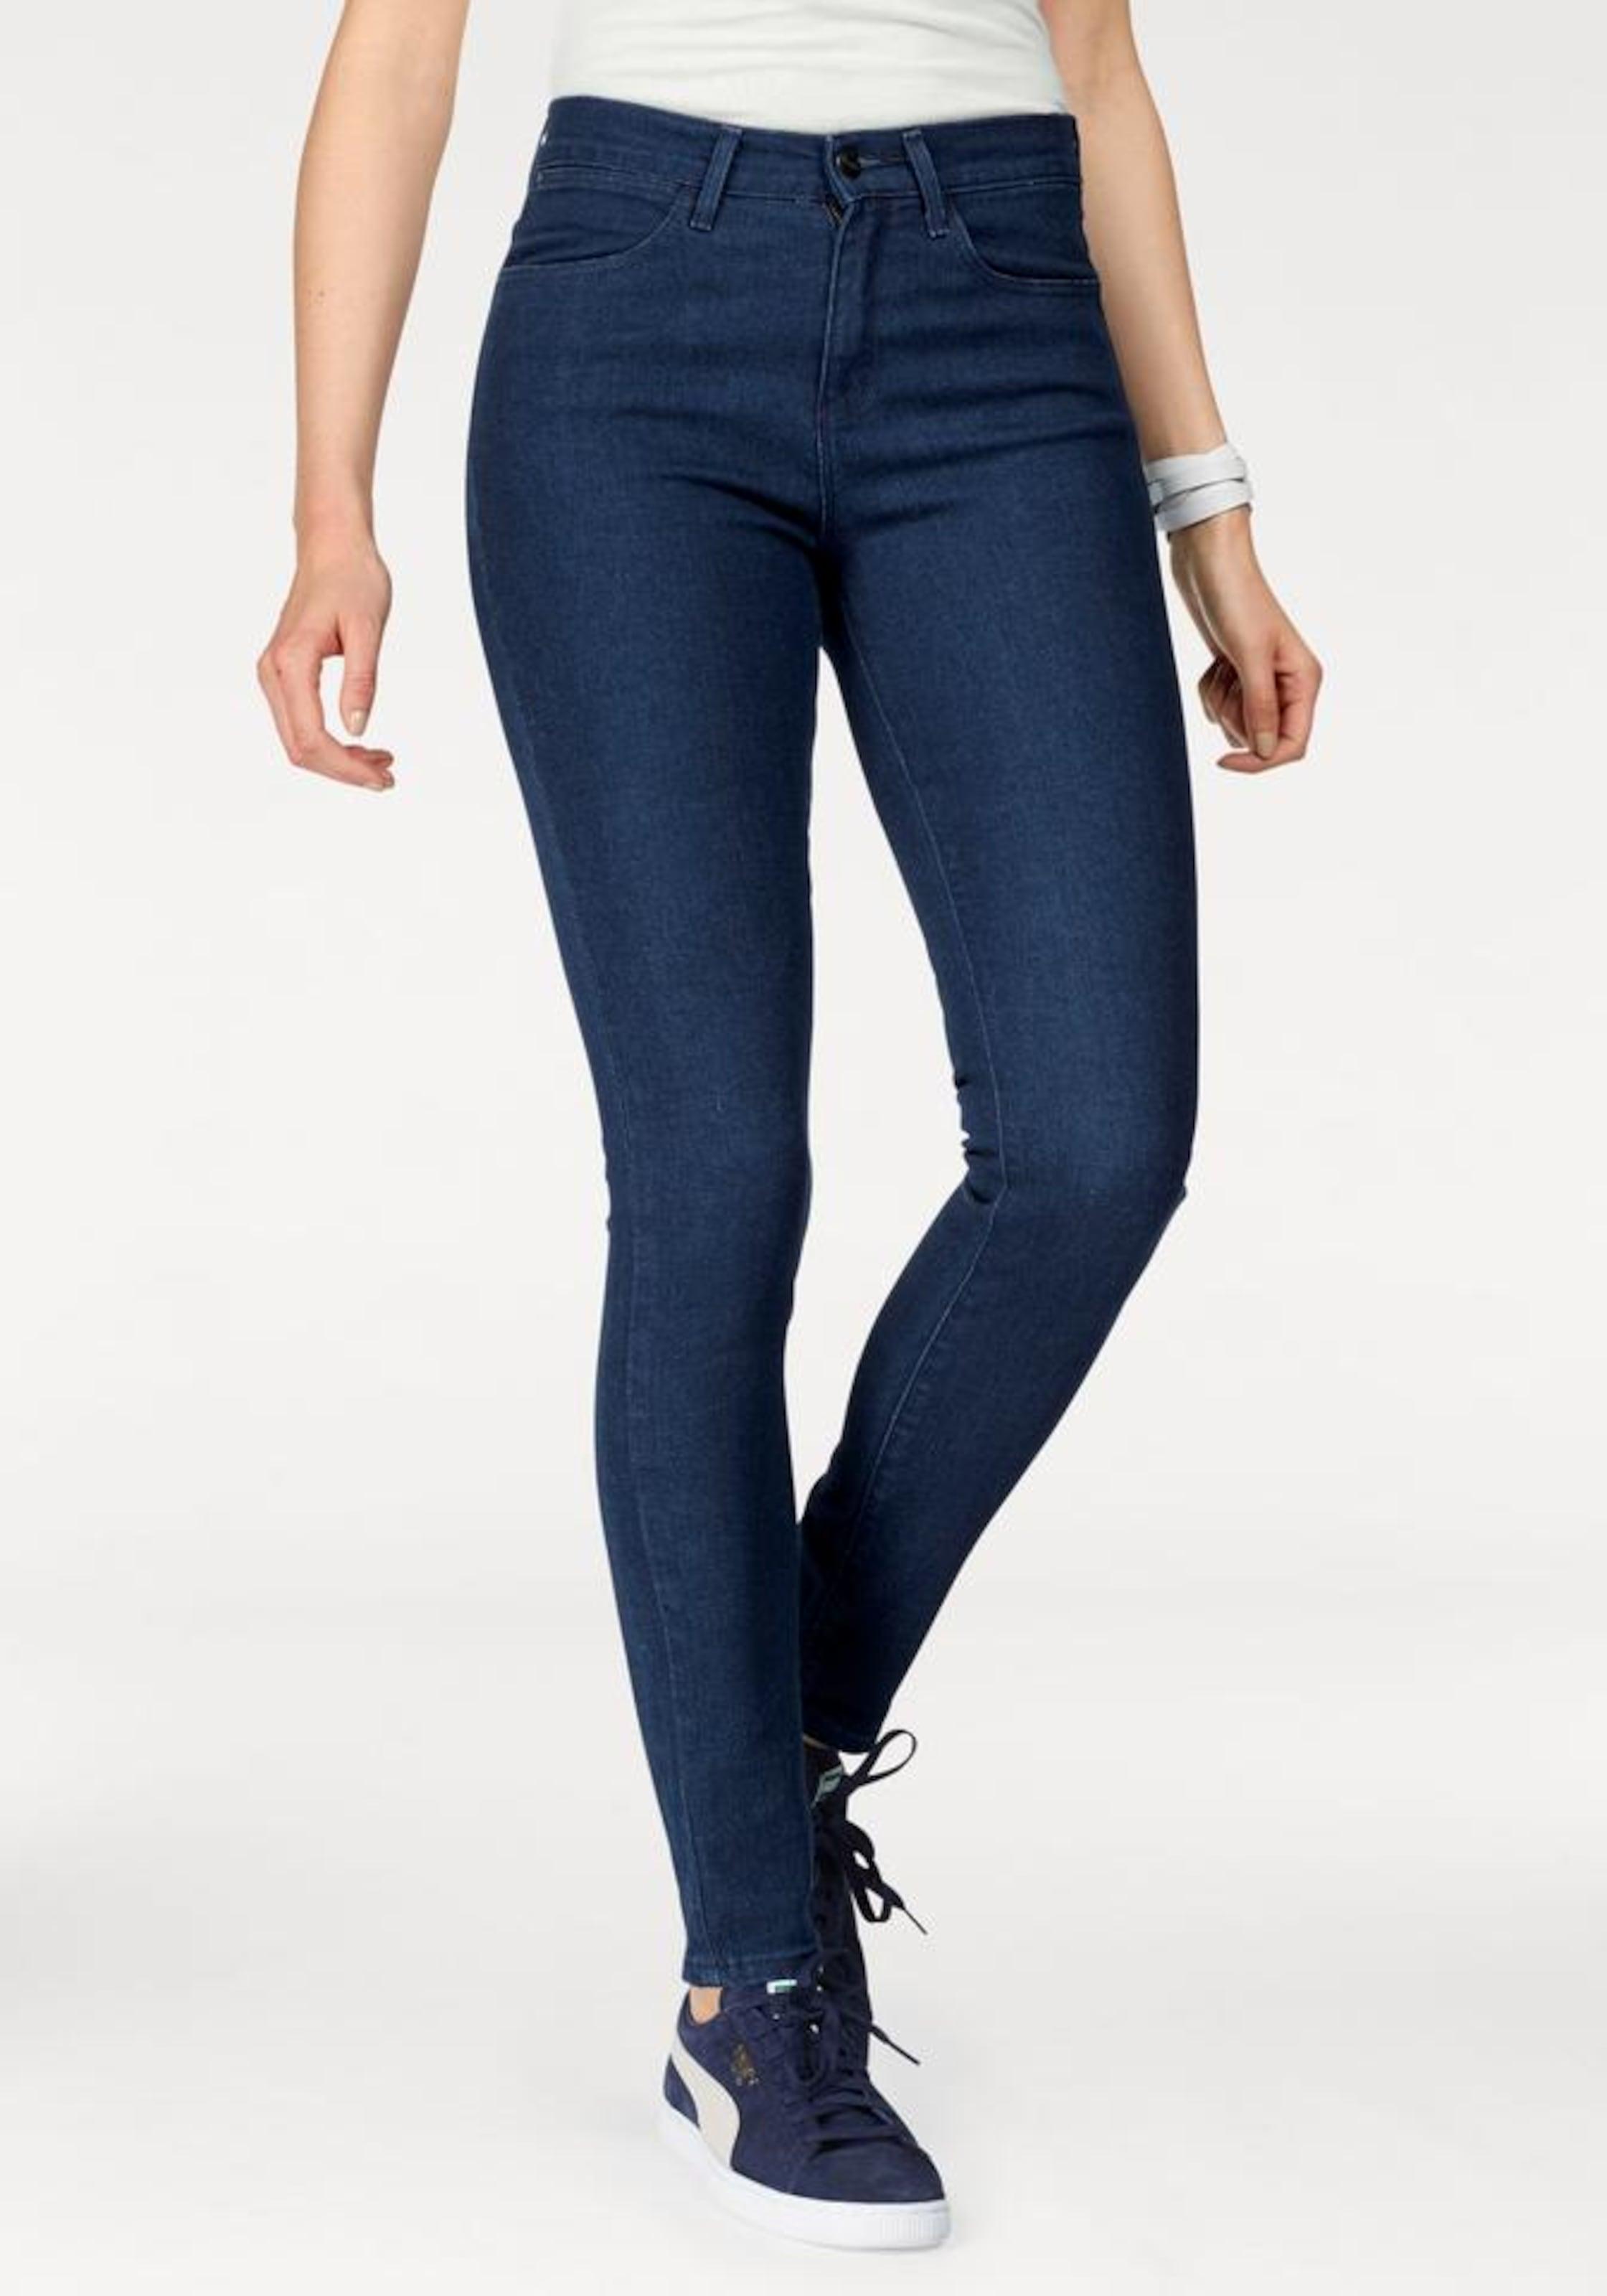 WRANGLER High-waist-Jeans Zu Verkaufen Billig Authentisch Pay Online Mit Visa Verkauf 2018 Neue Der Günstigste Günstige Preis Günstig Kaufen Bilder NKWPWvB57